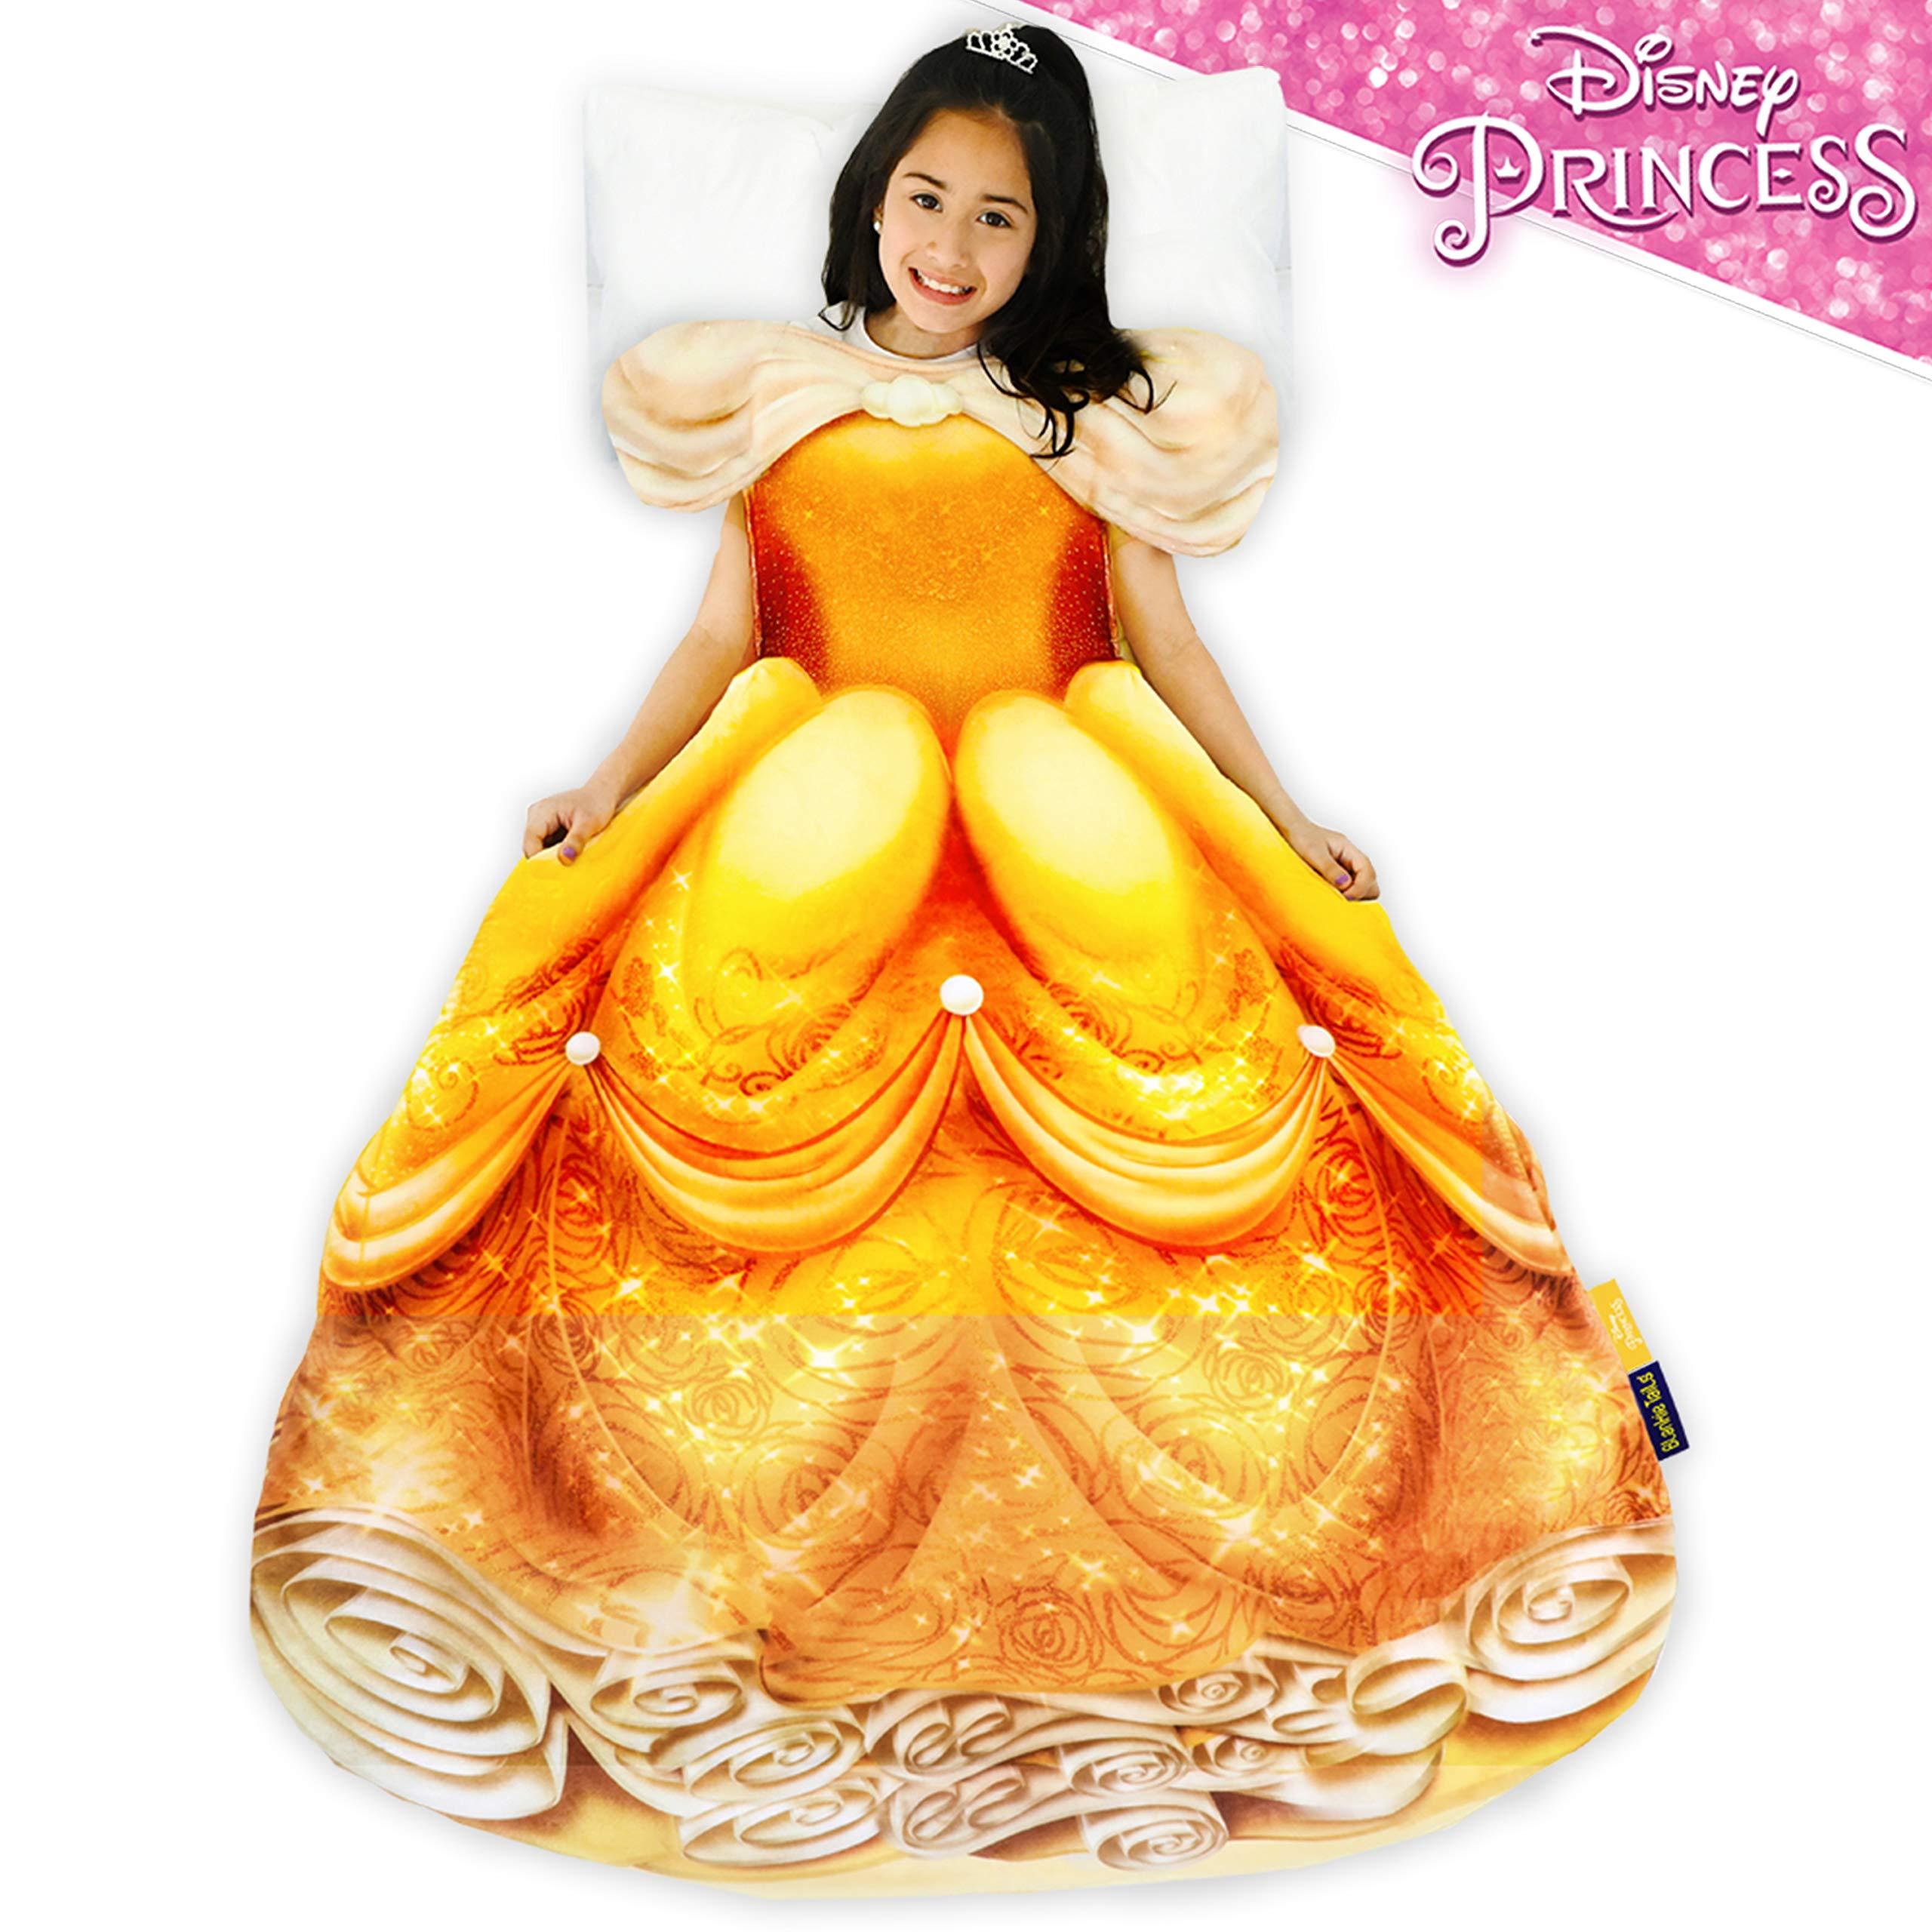 Blankie Tails Disney Princess Belle Dress Wearable Blanket by Blankie Tails